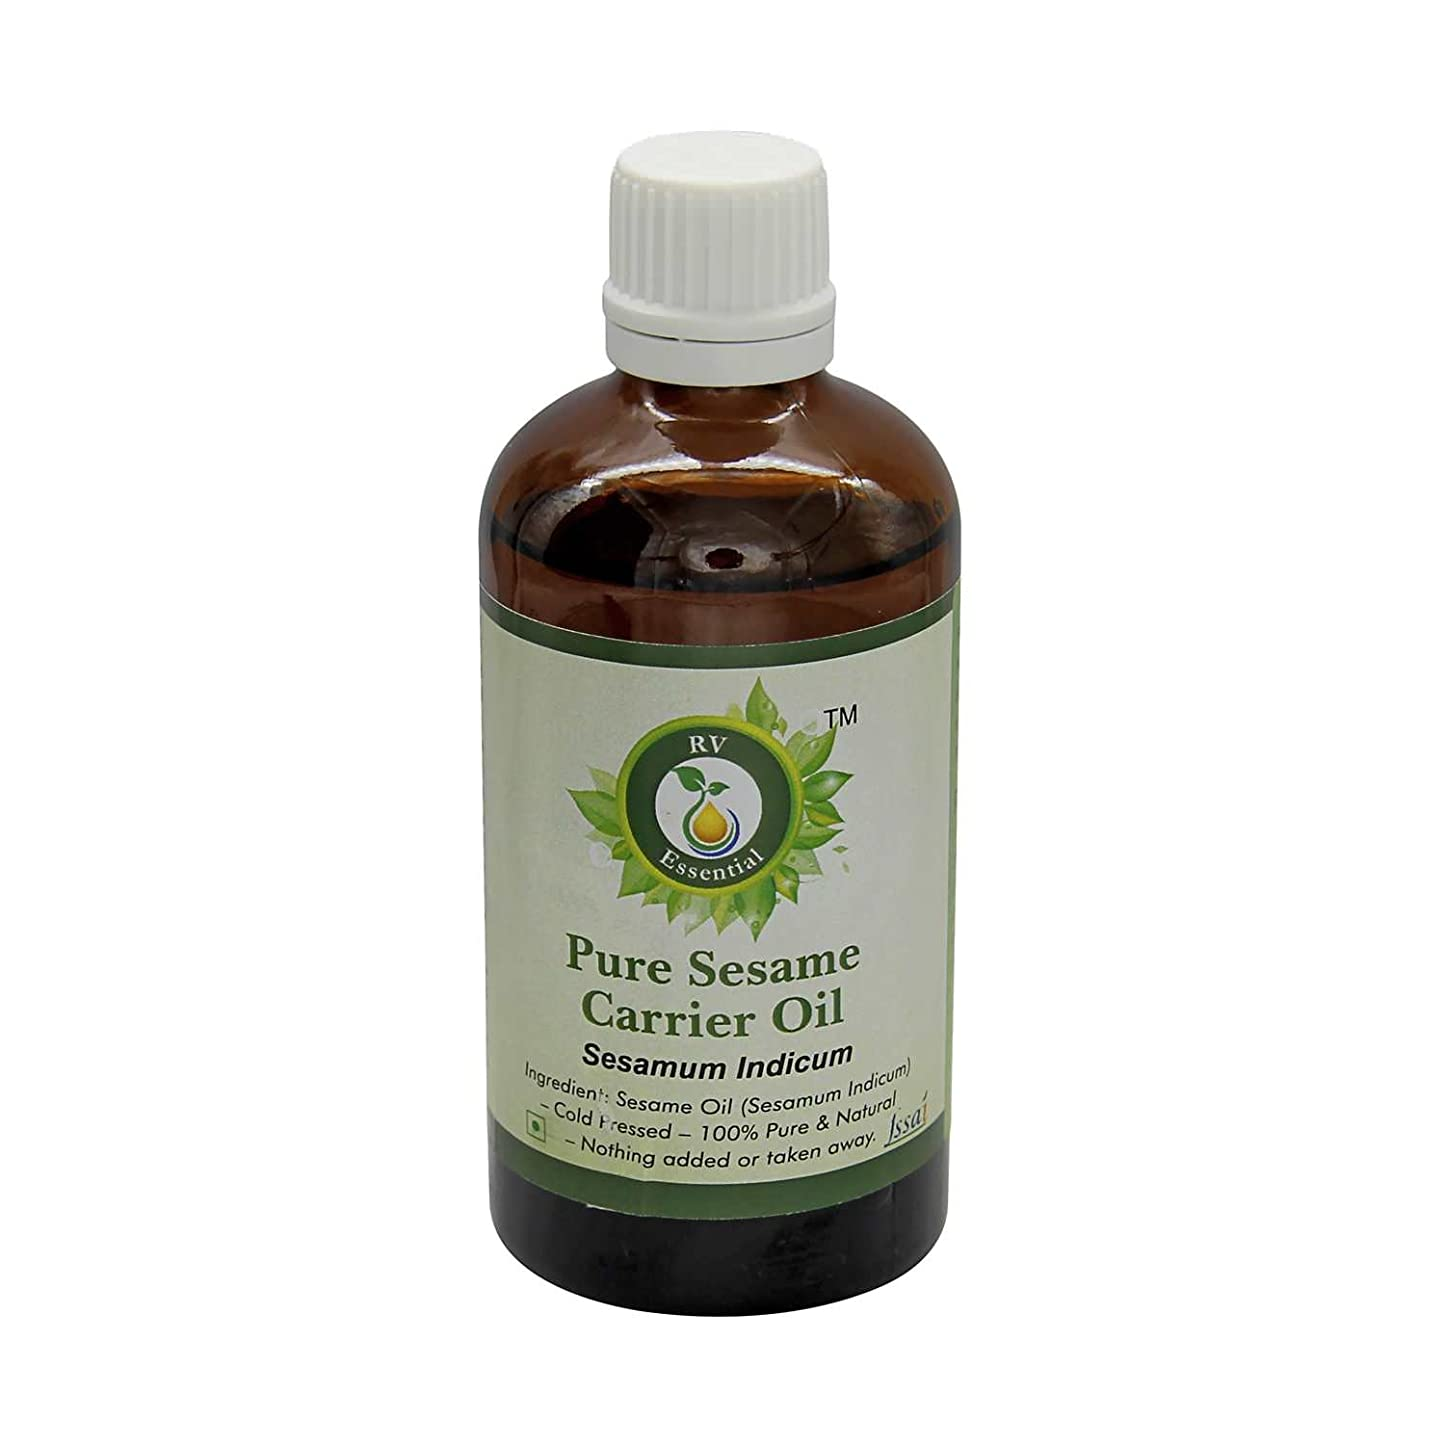 オペラショッピングセンター束R V Essential 純粋なごま油15ml (0.507oz)- Sesamum Indicum (100%ピュア&ナチュラルコールドPressed) Pure Sesame Carrier Oil